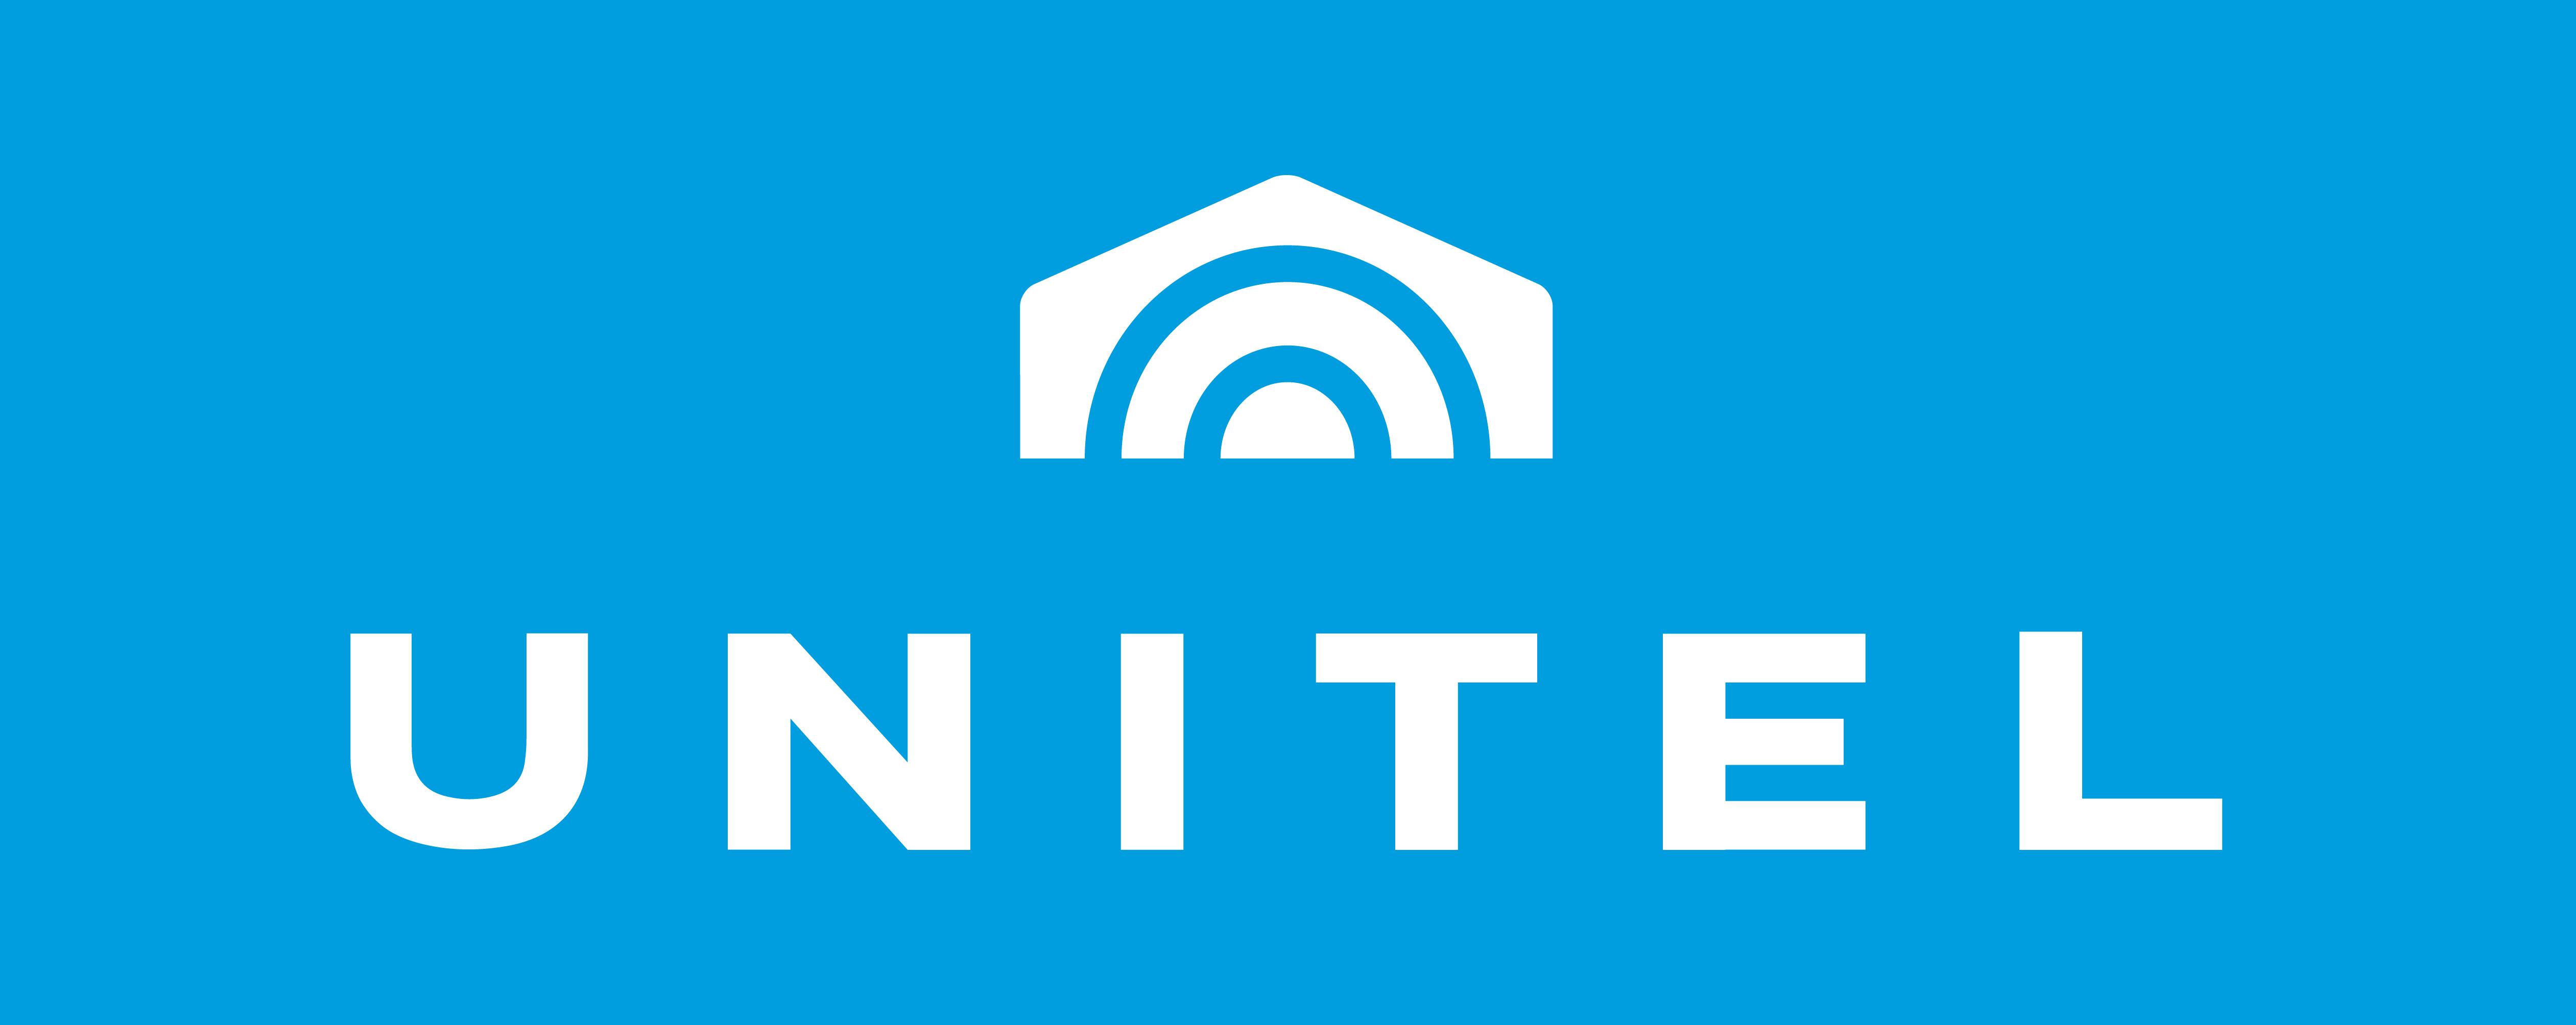 UNITEL logo bluecase WEB